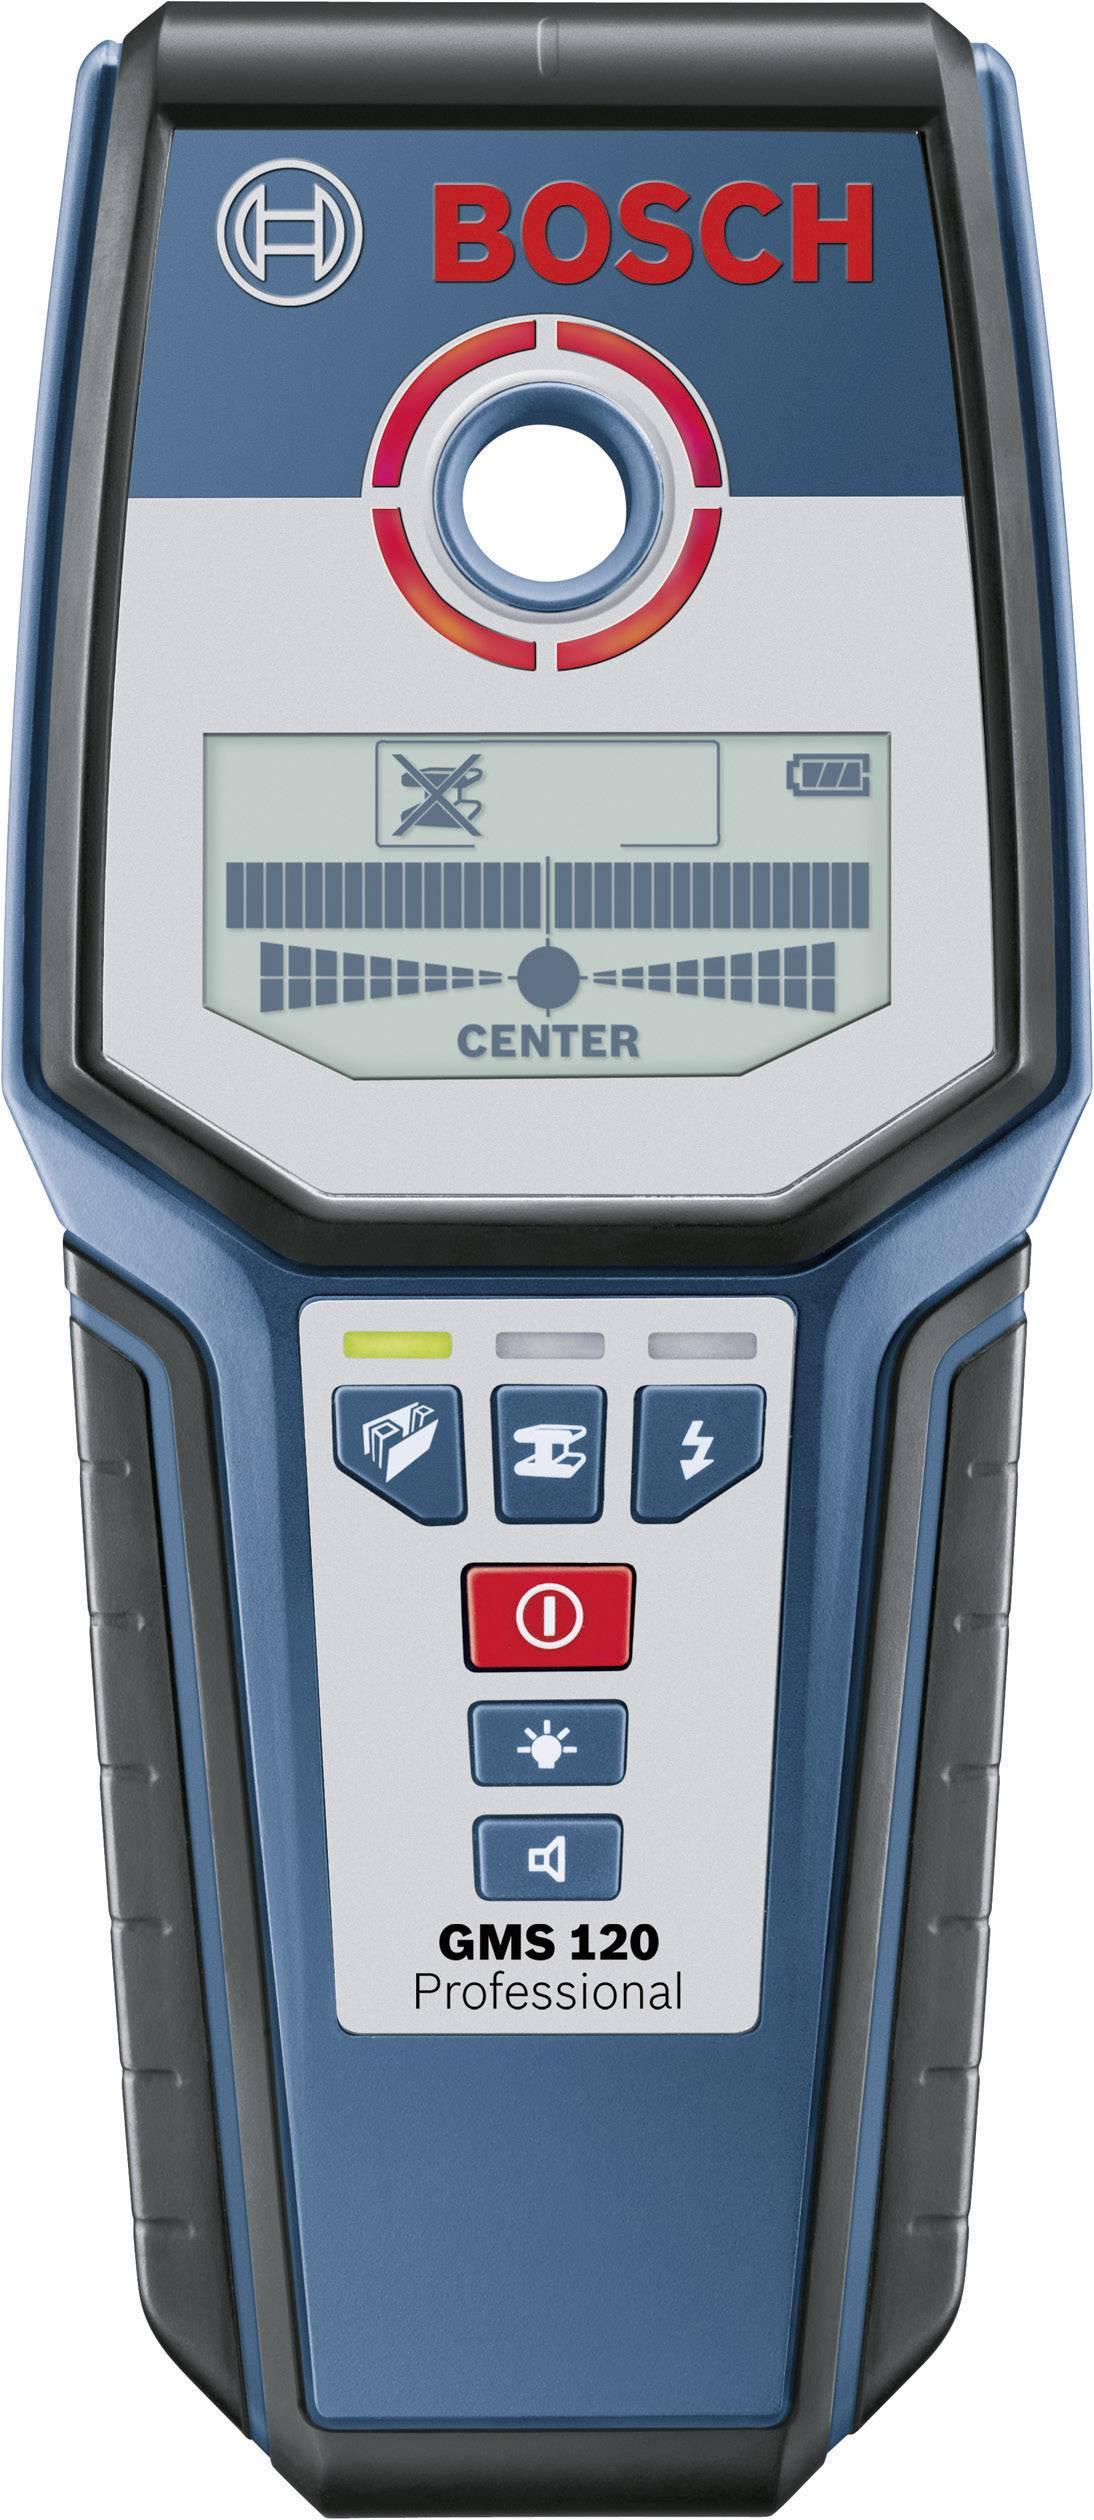 Detektor dreva, železných kovov, neželezných kovov Bosch Professional GMS 120 ATT.NUM.LOCATING_DEPTH_MAX 120 mm 0601081000